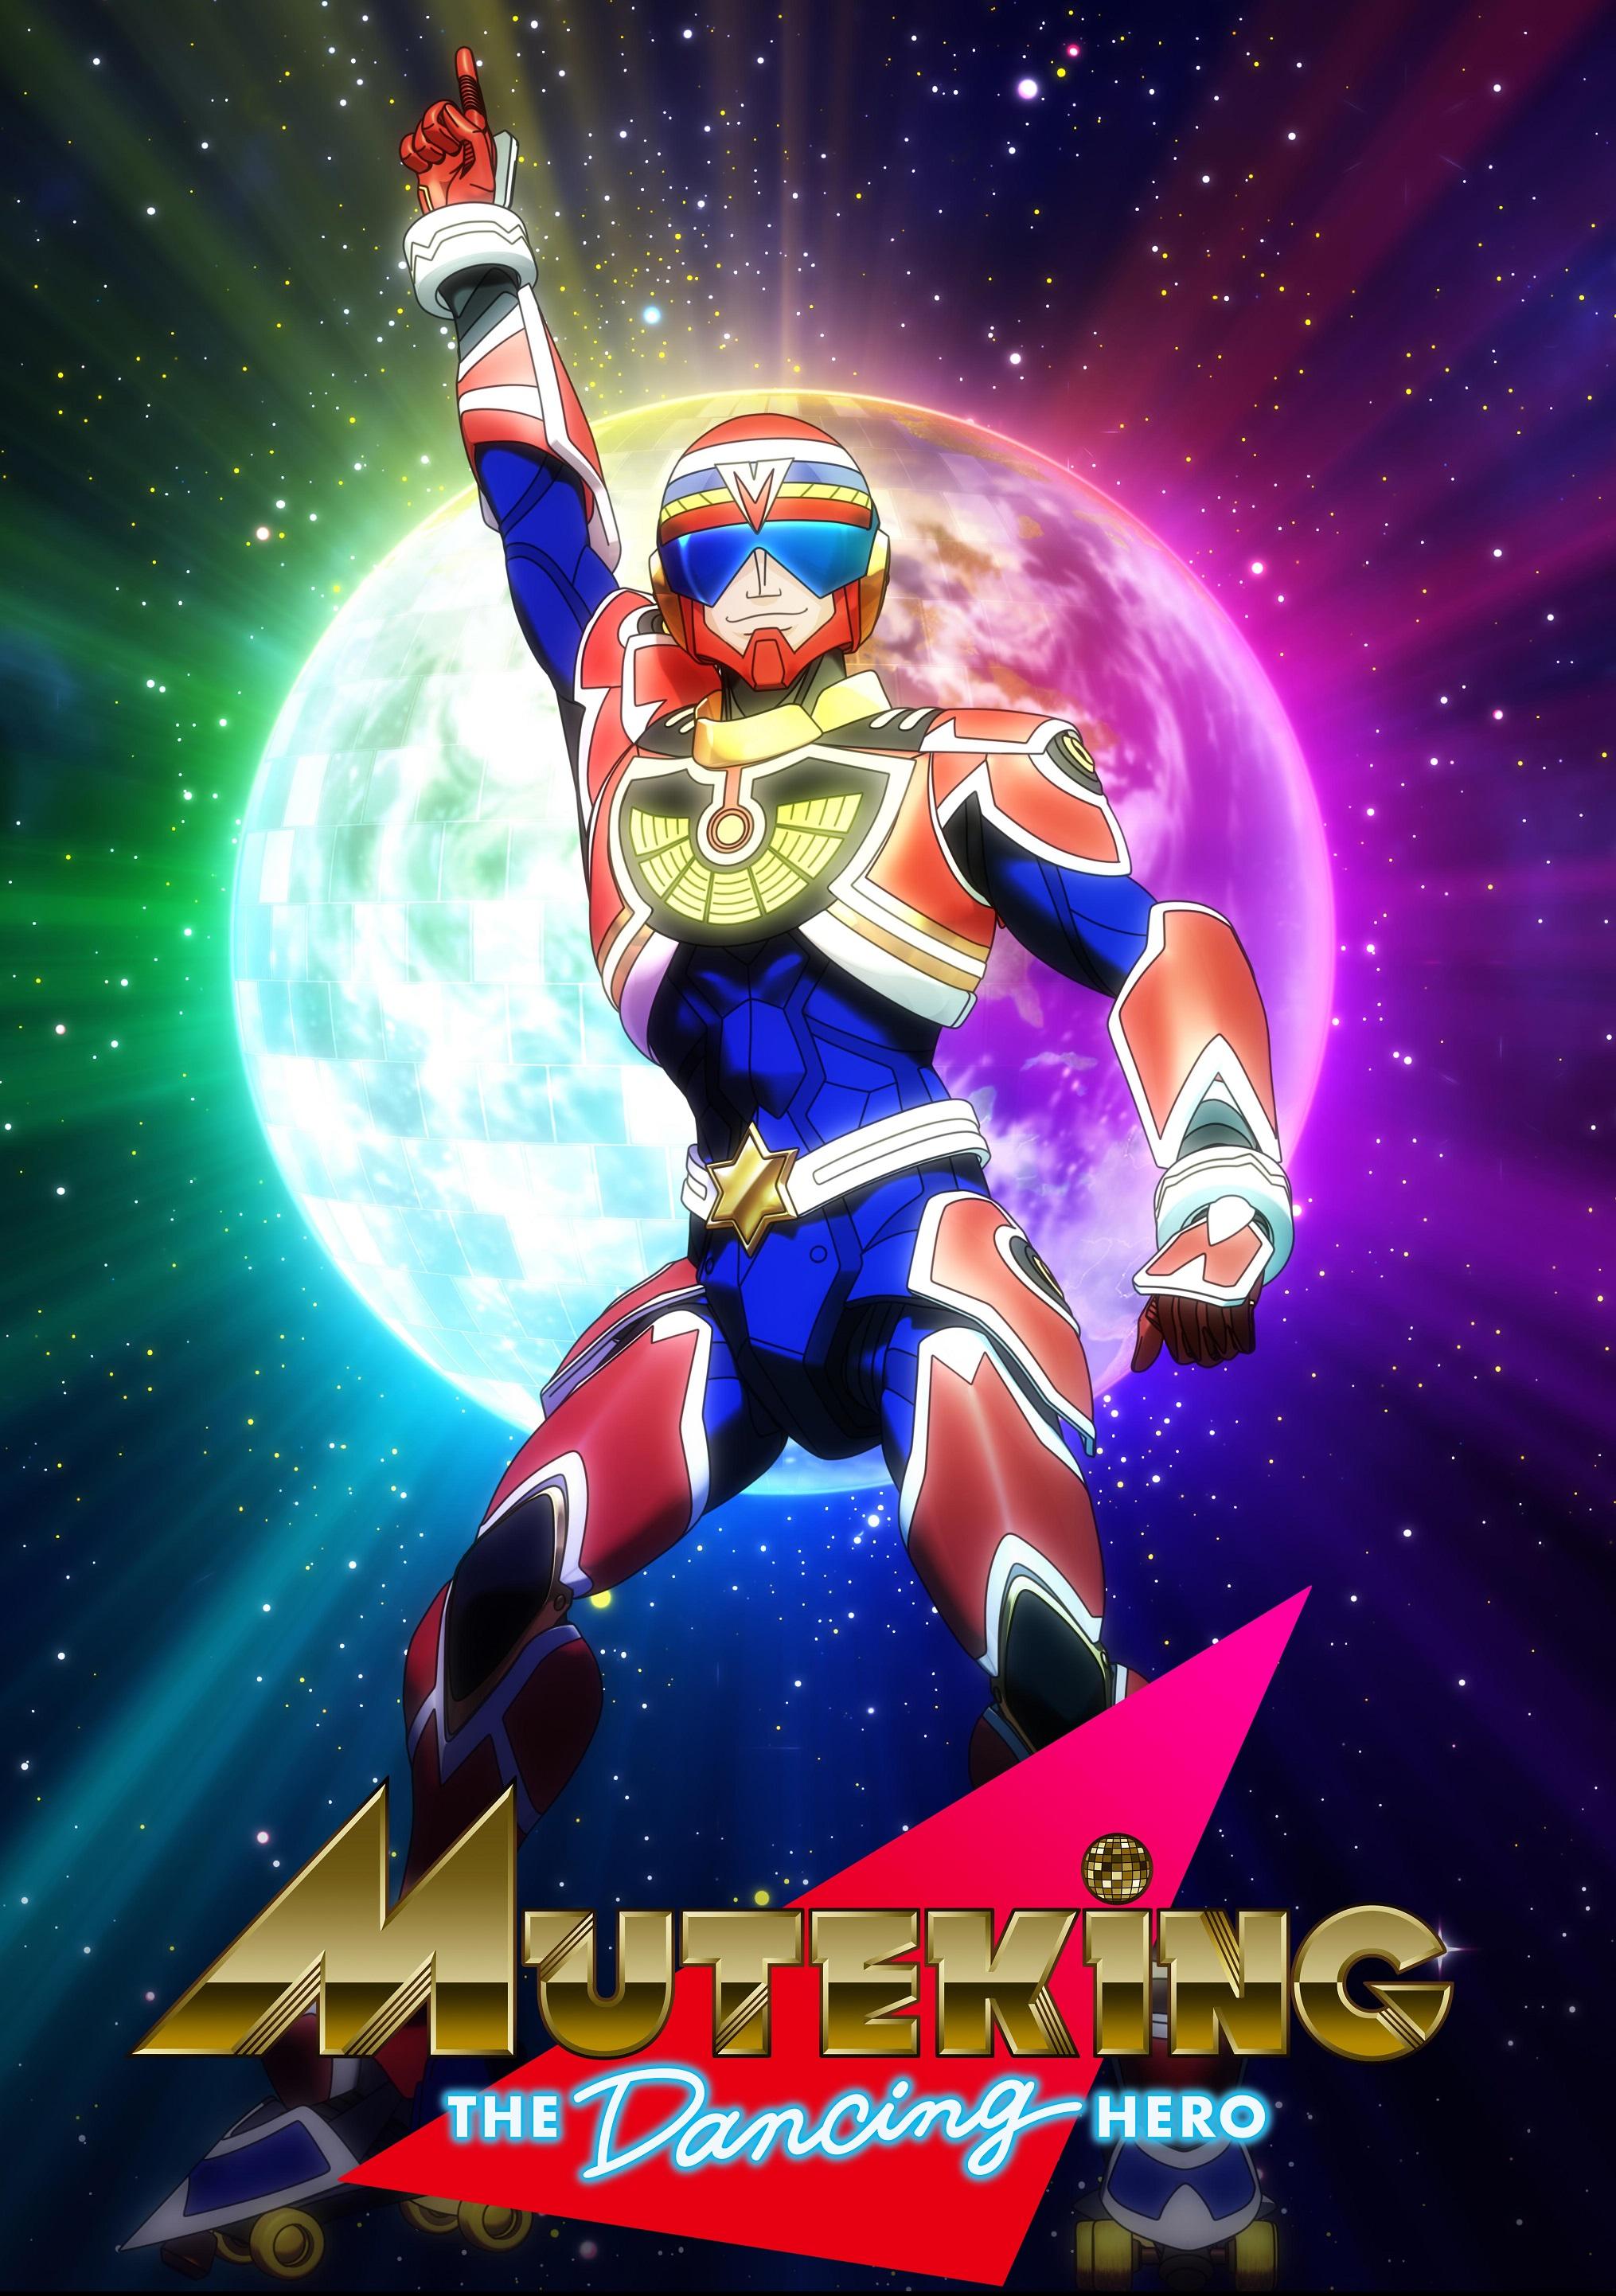 Una imagen teaser para la próxima serie de anime de televisión MUTEKING THE Dancing HERO, con el héroe titular haciendo una pose de discoteca Saturday Night Fever frente a una Tierra que brilla como una bola de discoteca.